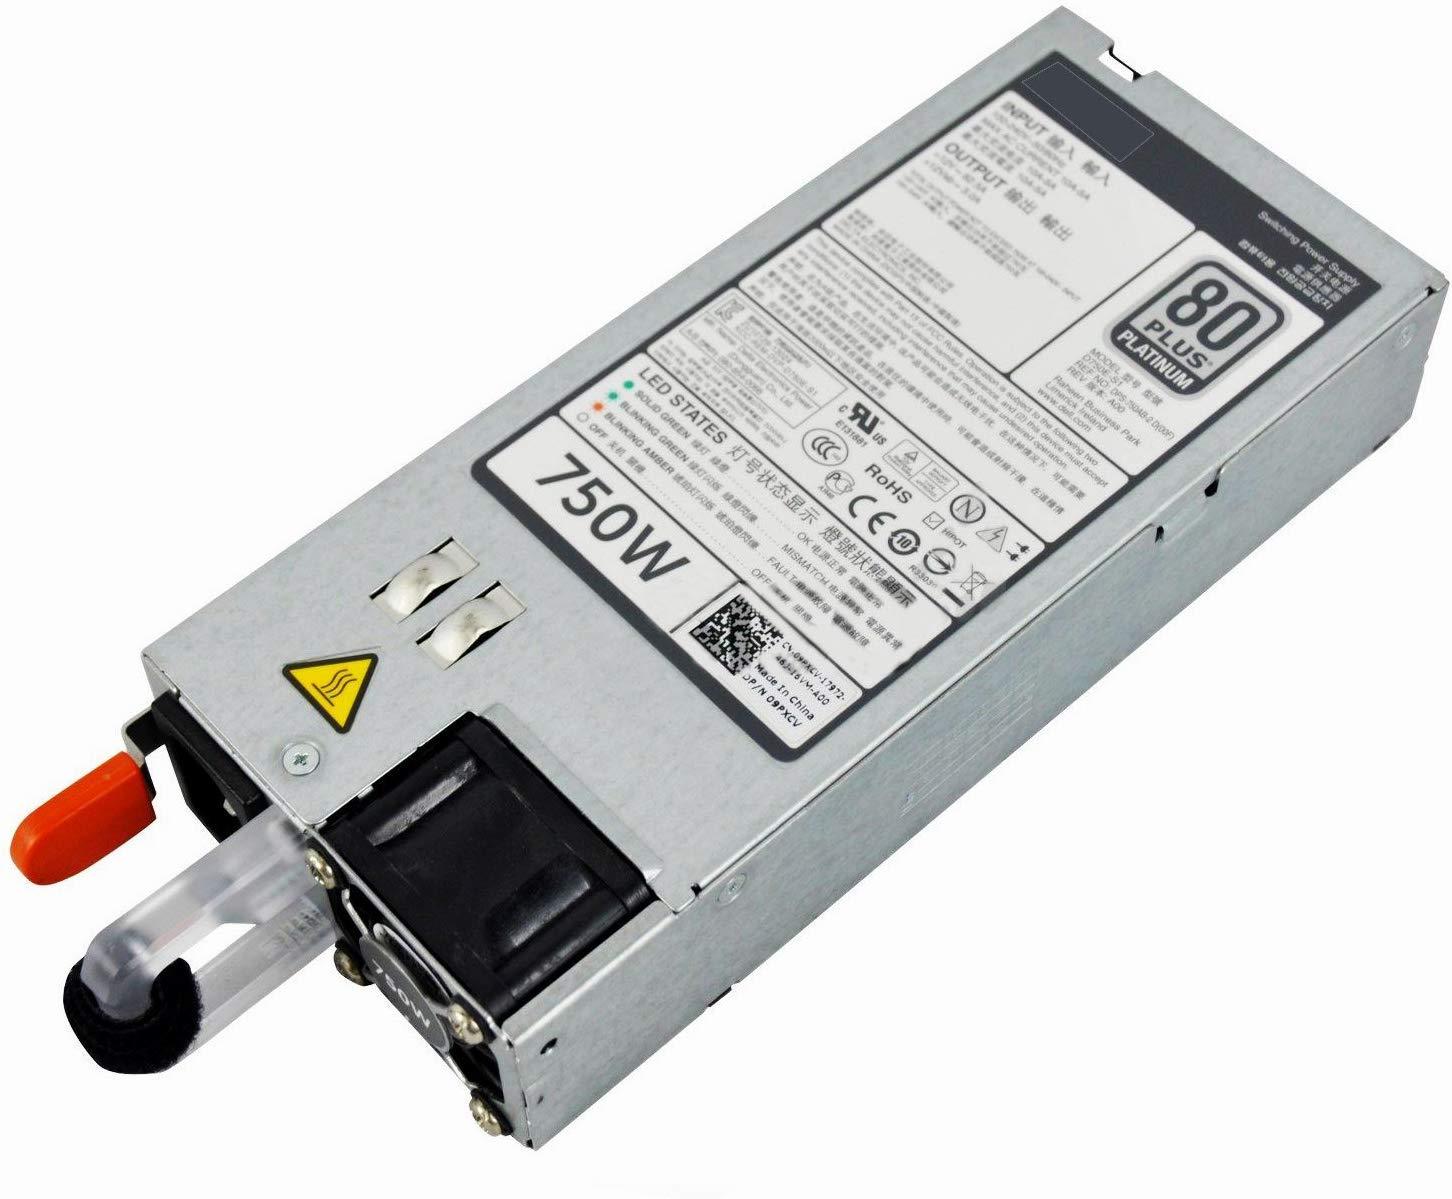 E750E-S0 DELL 750W 80 PLUS PLATINUM POWER SUPPLY FOR POWEREDGE R620 R720